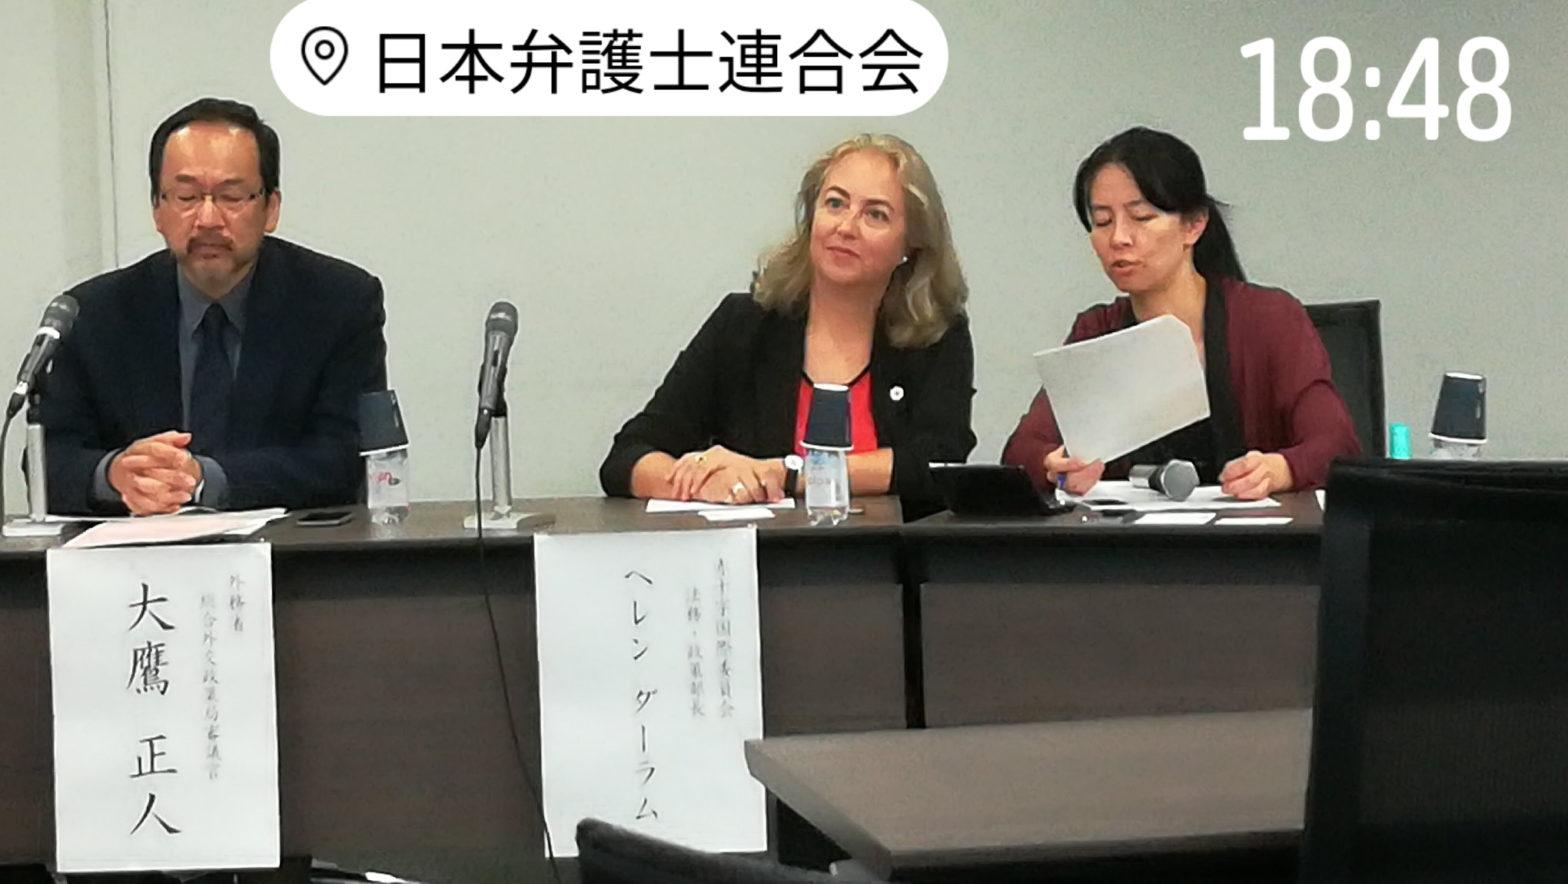 ヘレン・ダーラム ICRC国際法政策局長 IHLとは?